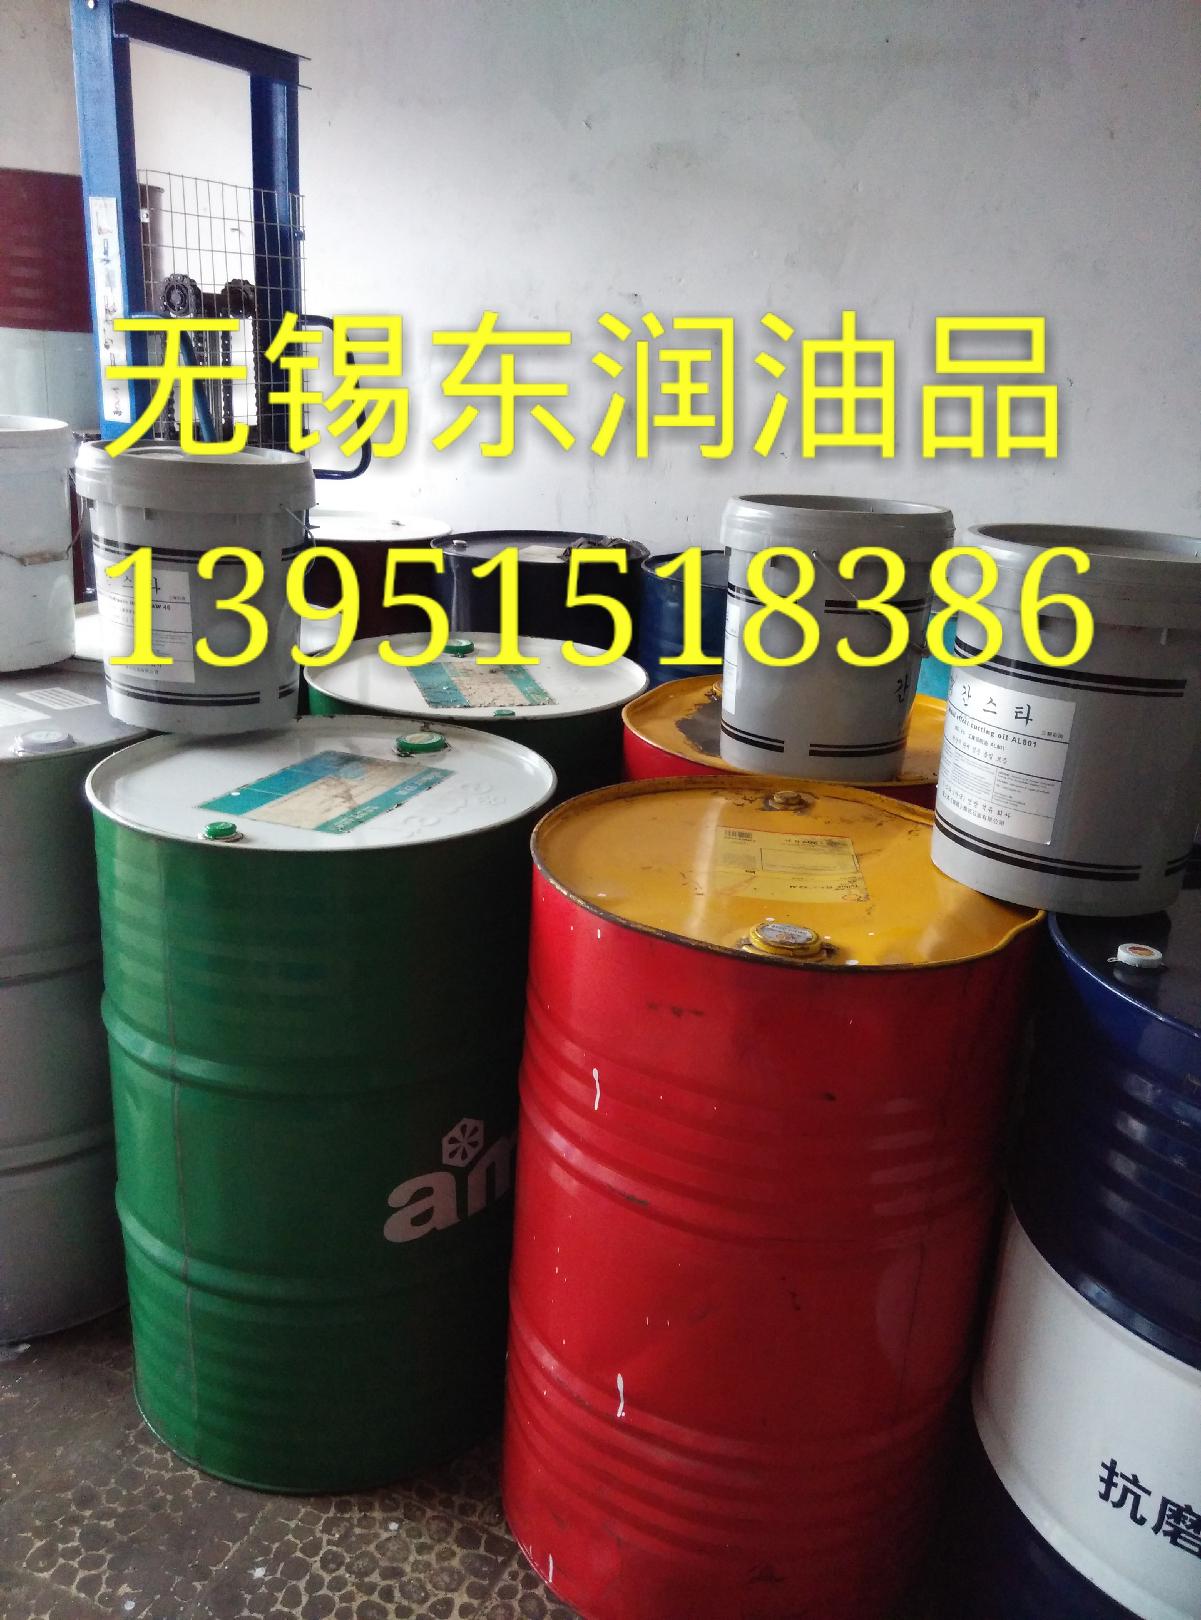 供应无锡安美32号抗磨液压油价格图片图片